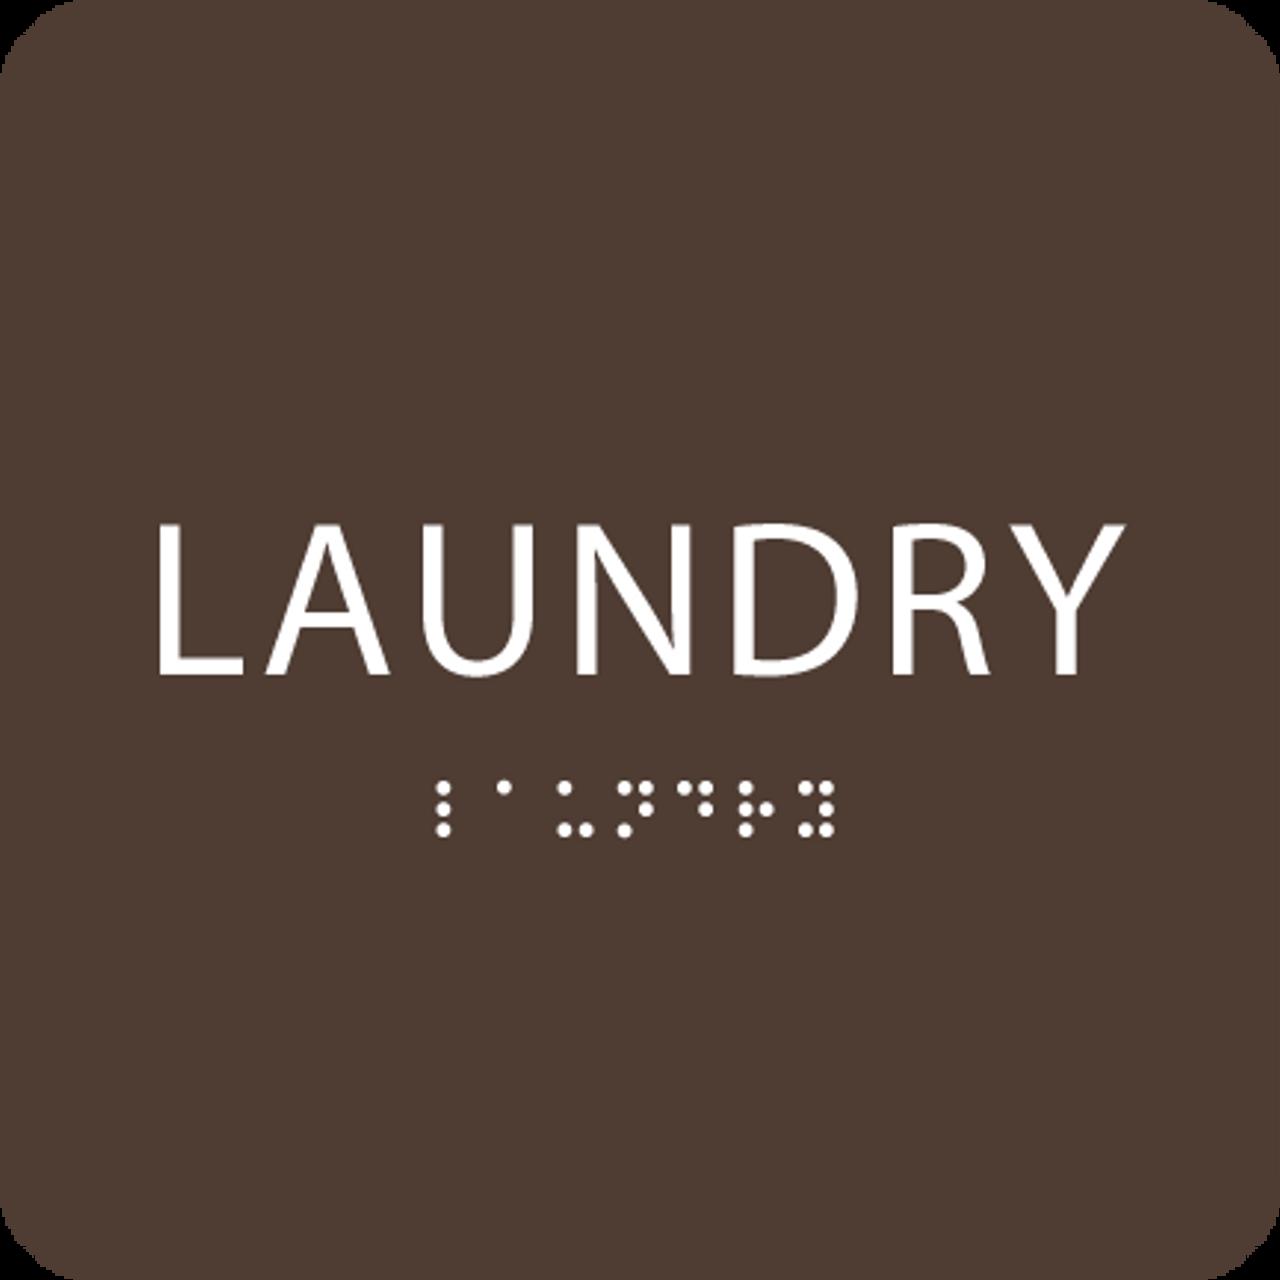 Dark Brown Laundry ADA Sign